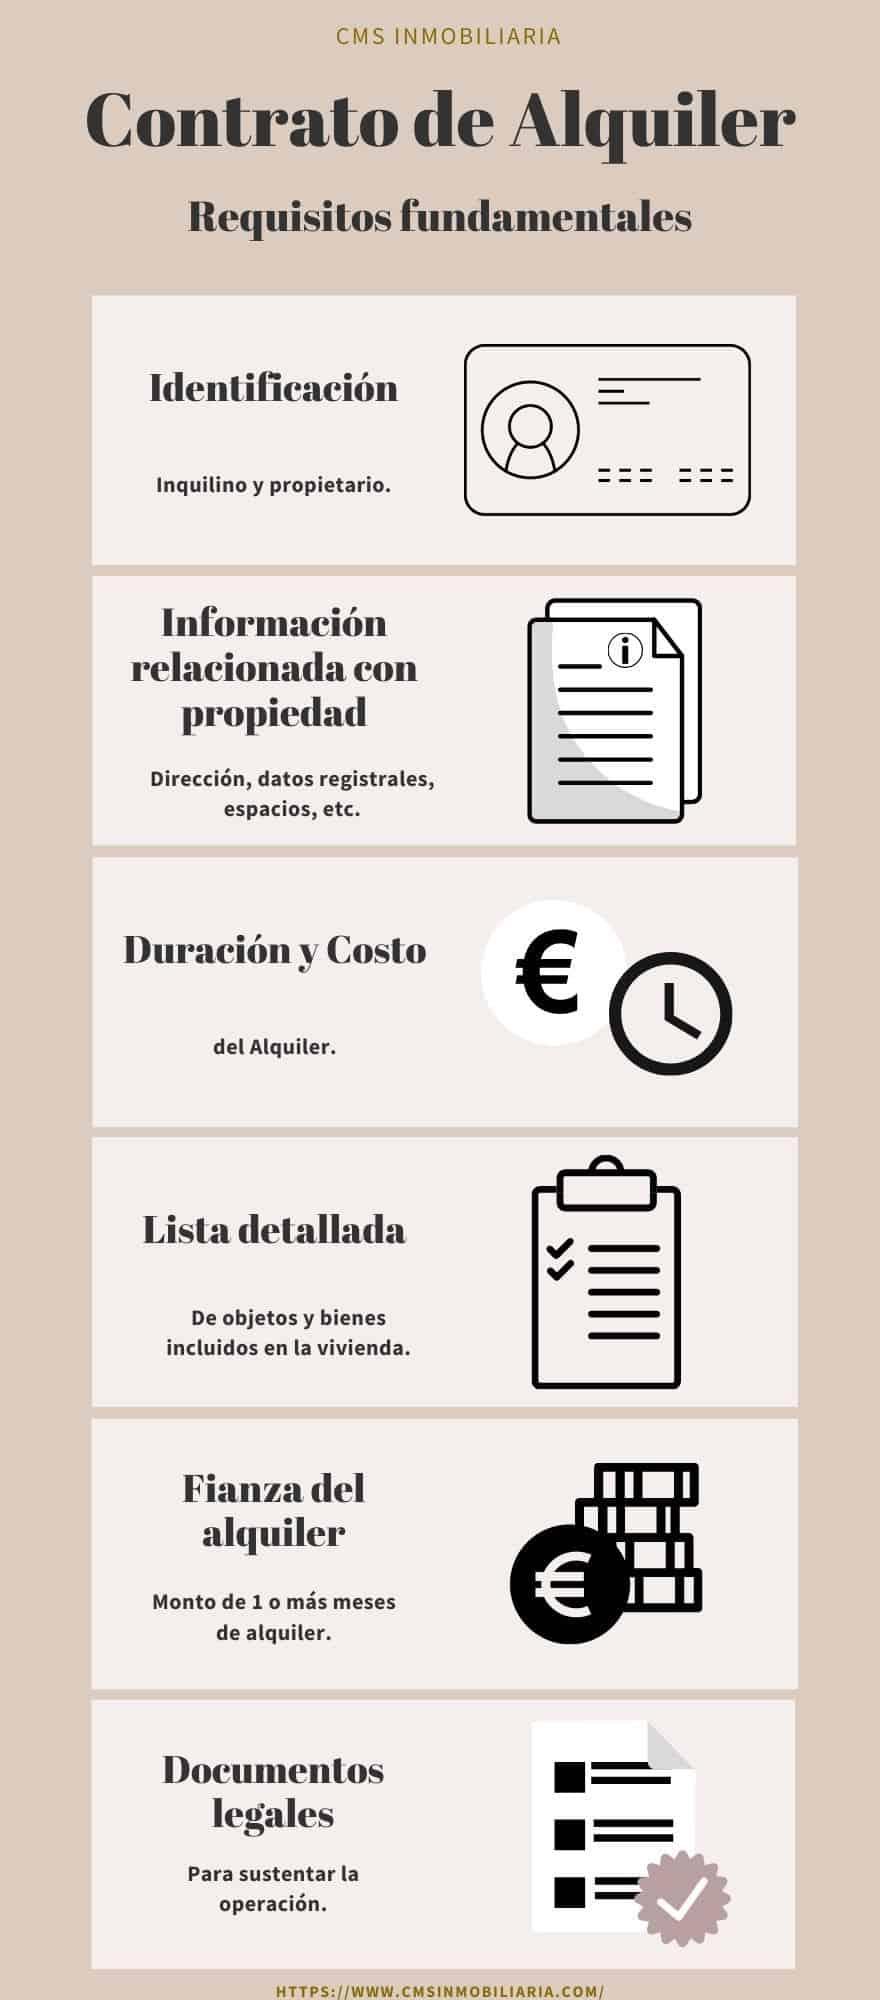 Imagen de requisitos para hacer un contrato de alquiler.